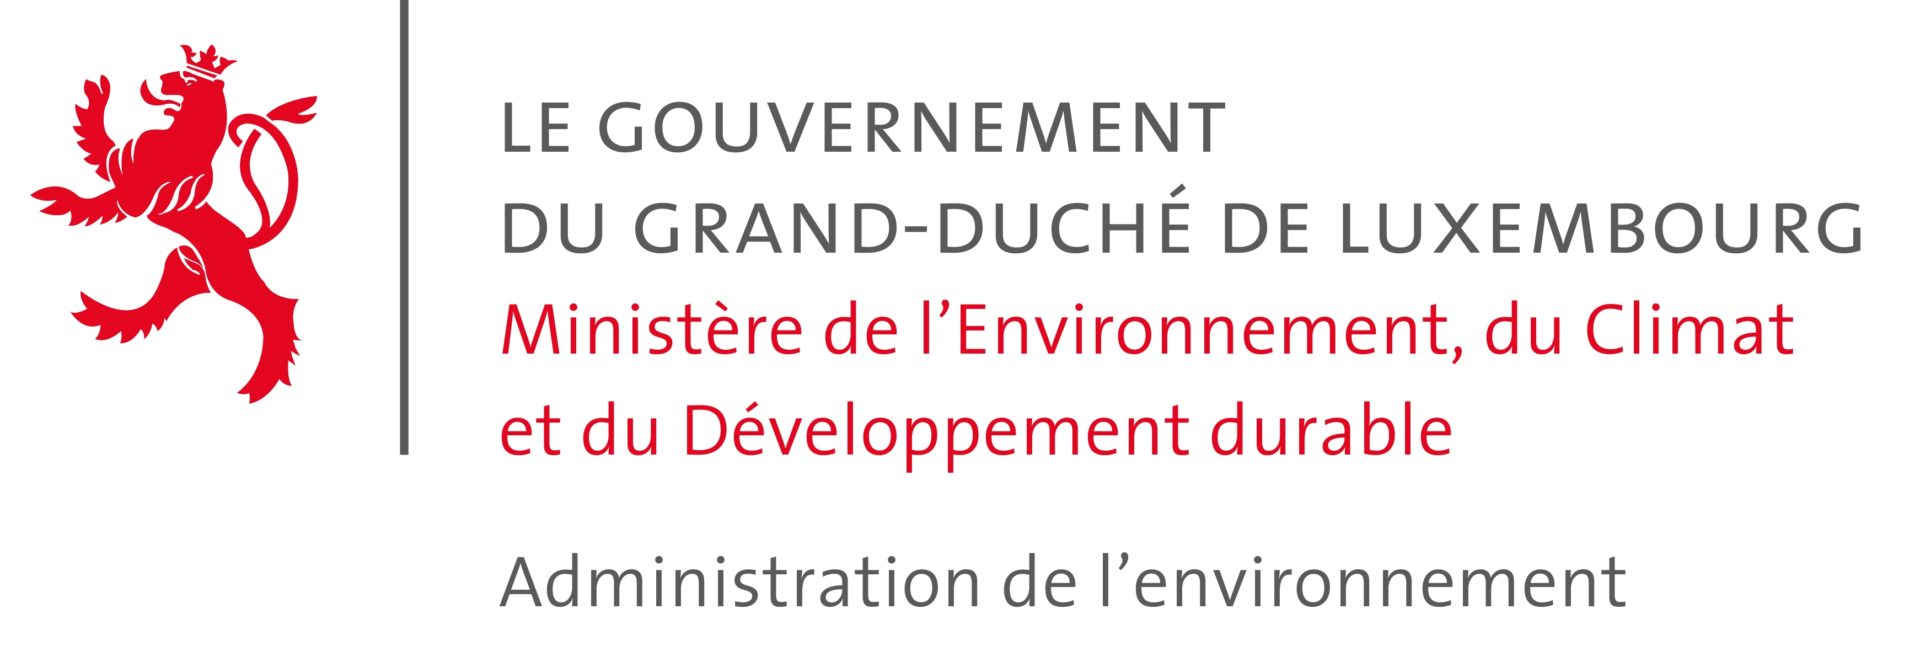 Umweltverwaltung